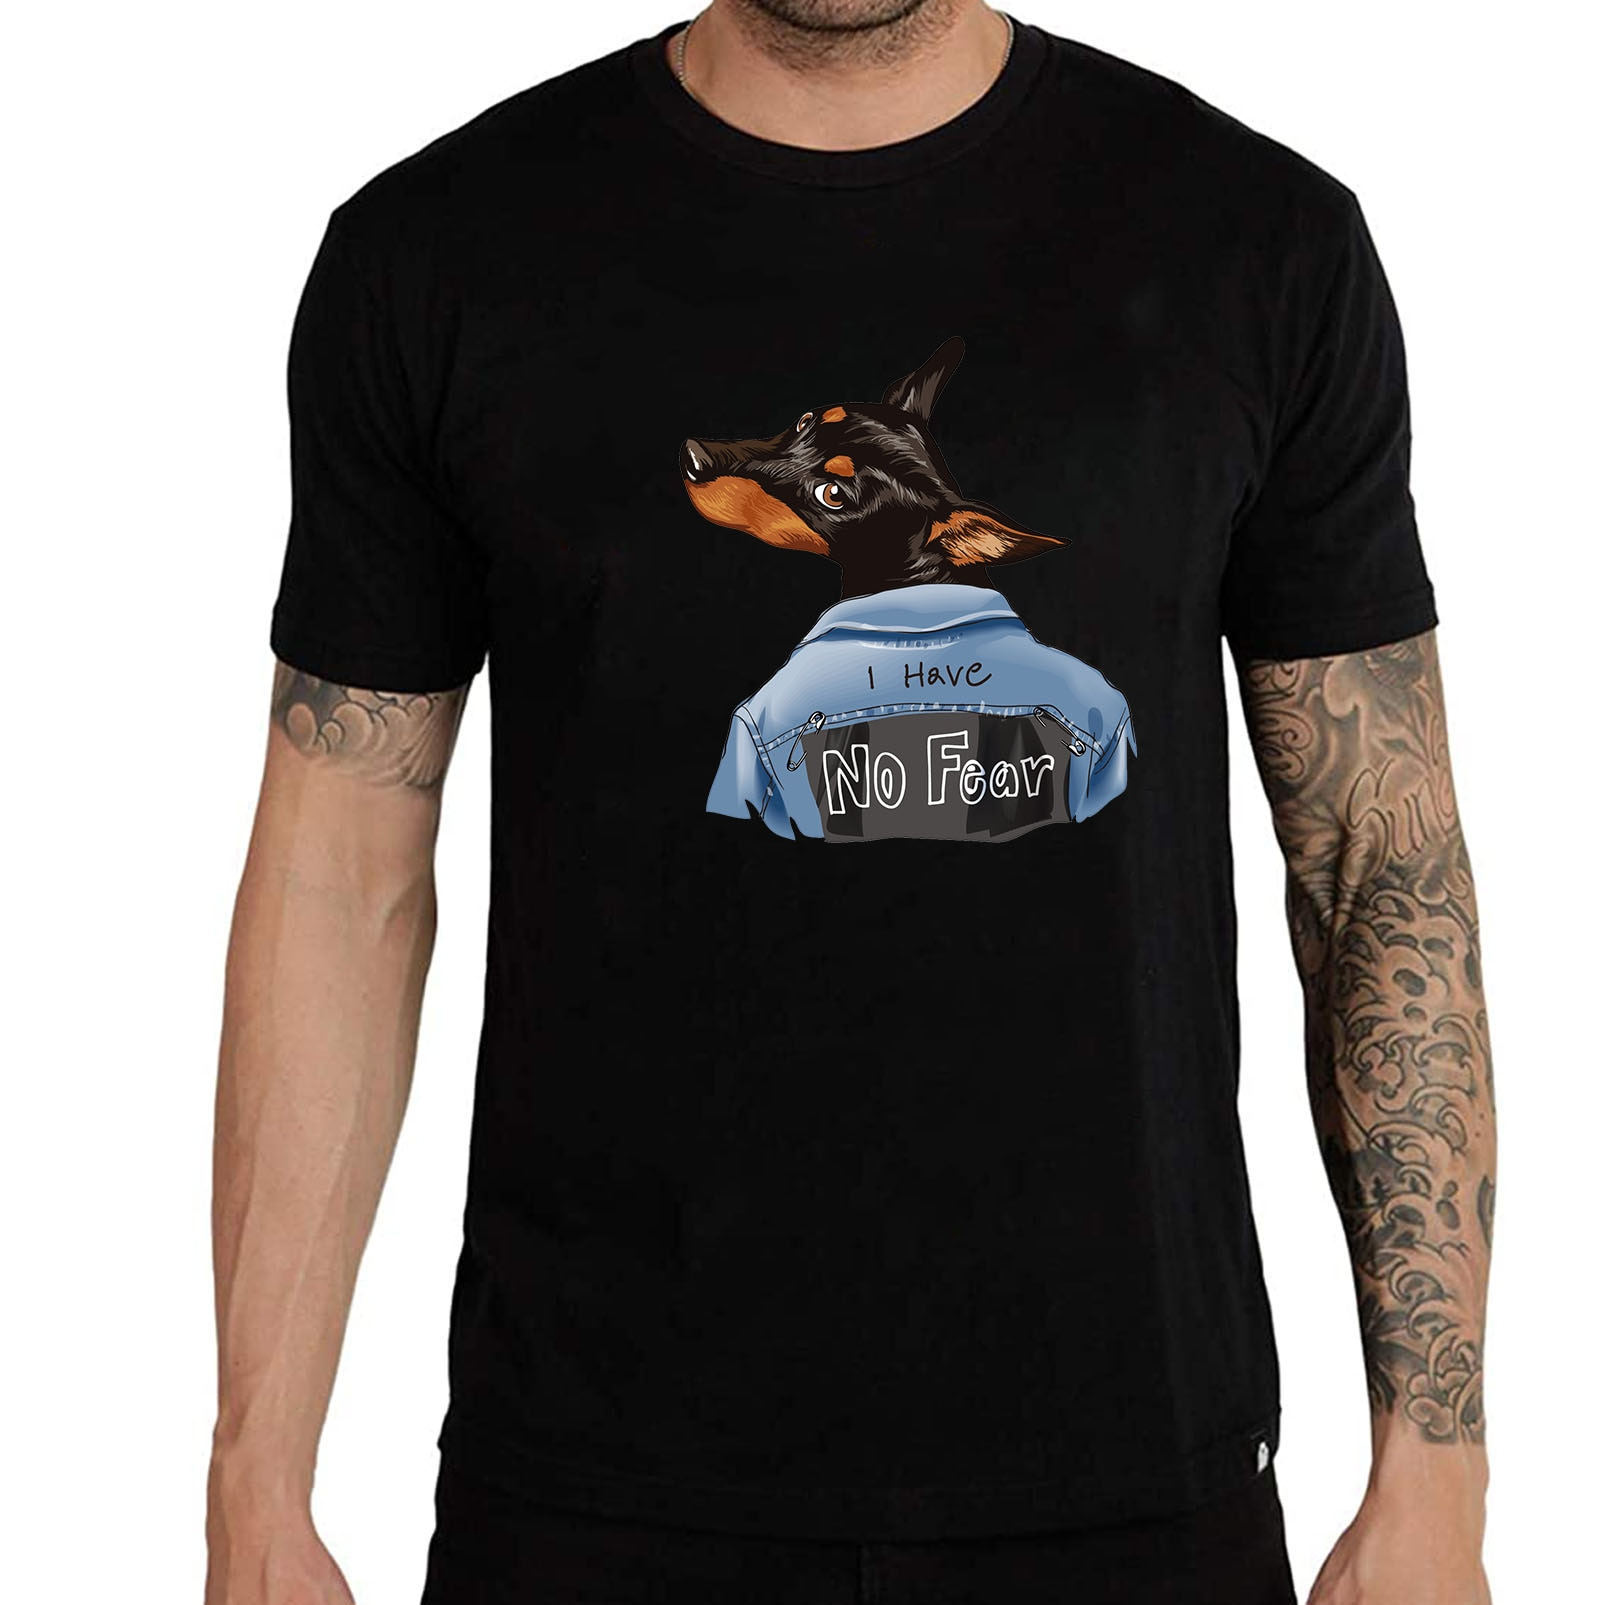 2021 футболки с рисунком-мягкие приталенные крутые дизайнерские футболки с рисунком для мужчин, мужская одежда, топы hunter x hunter